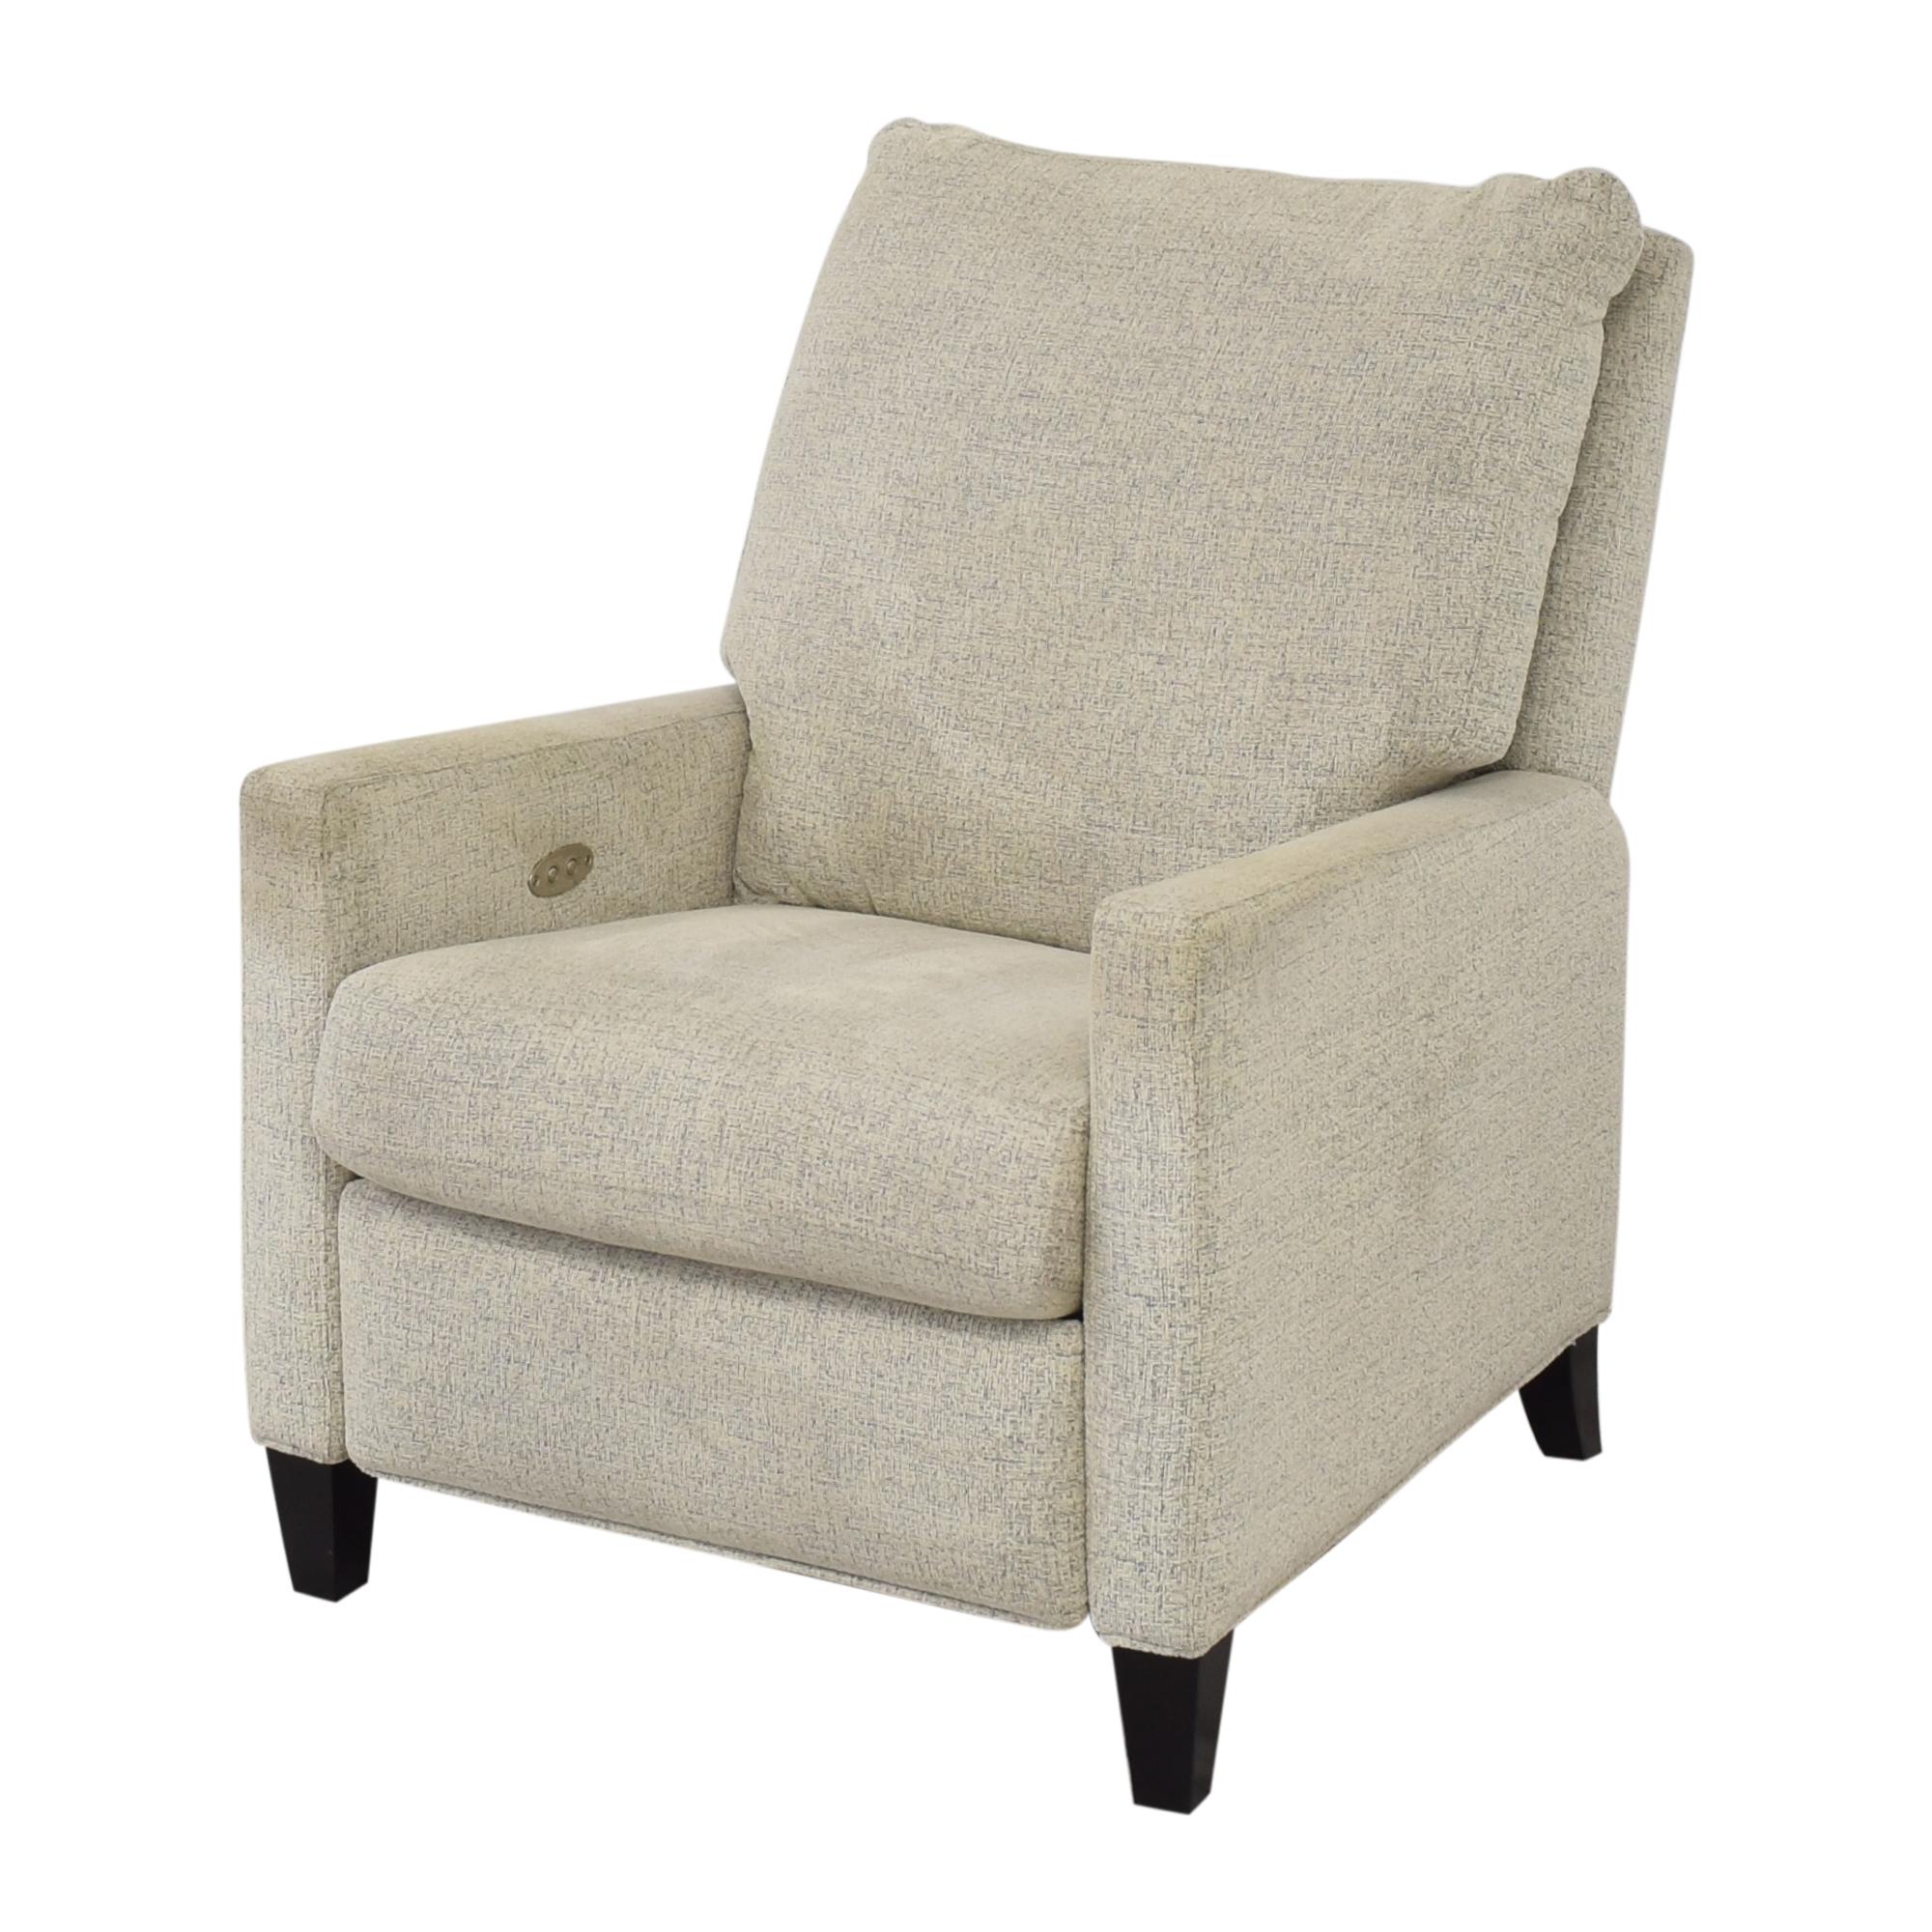 Bloomingdale's Sophie Power-Recliner Chair Bloomingdale's